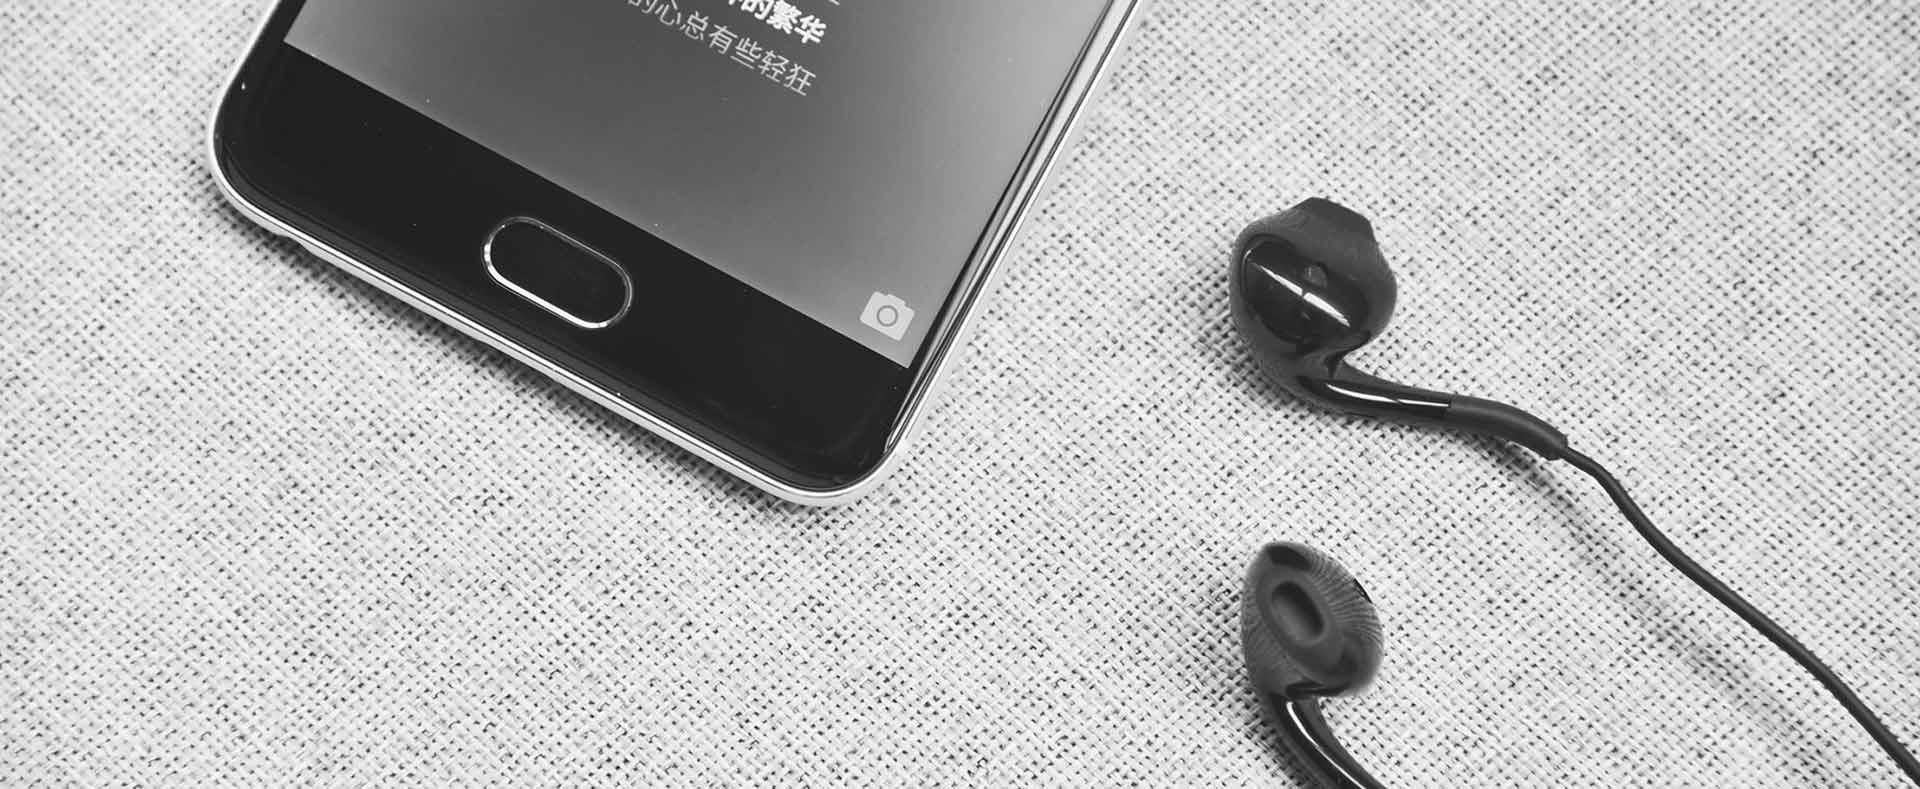 Изысканная стерео-гарнитура Meizu EP2X по привлекательной стоимости прибывает в Россию